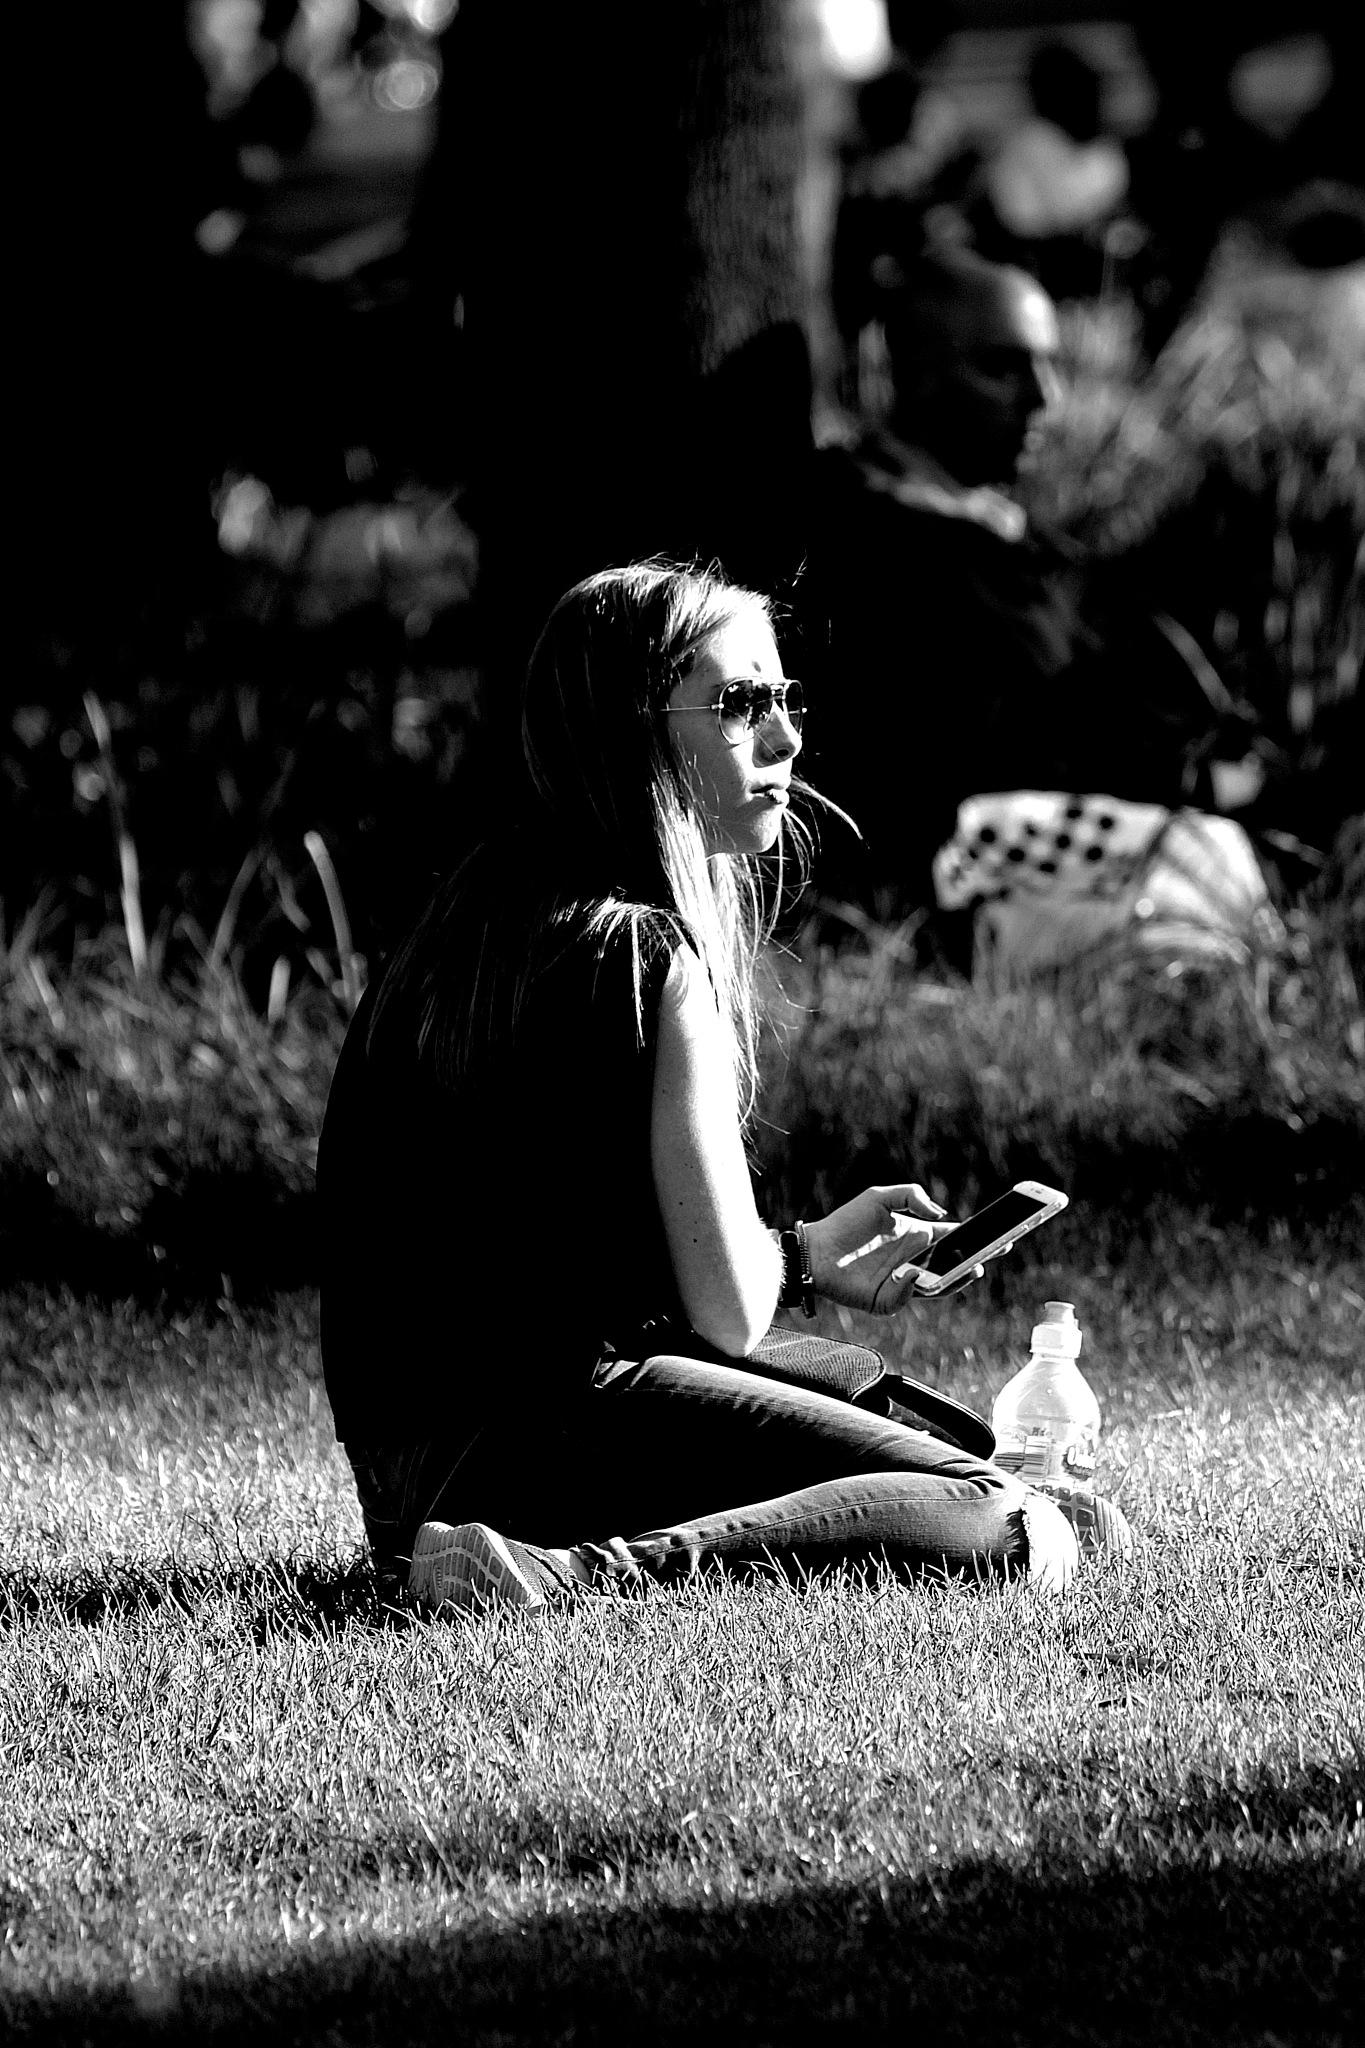 Relax by Jaroslaw Wrona